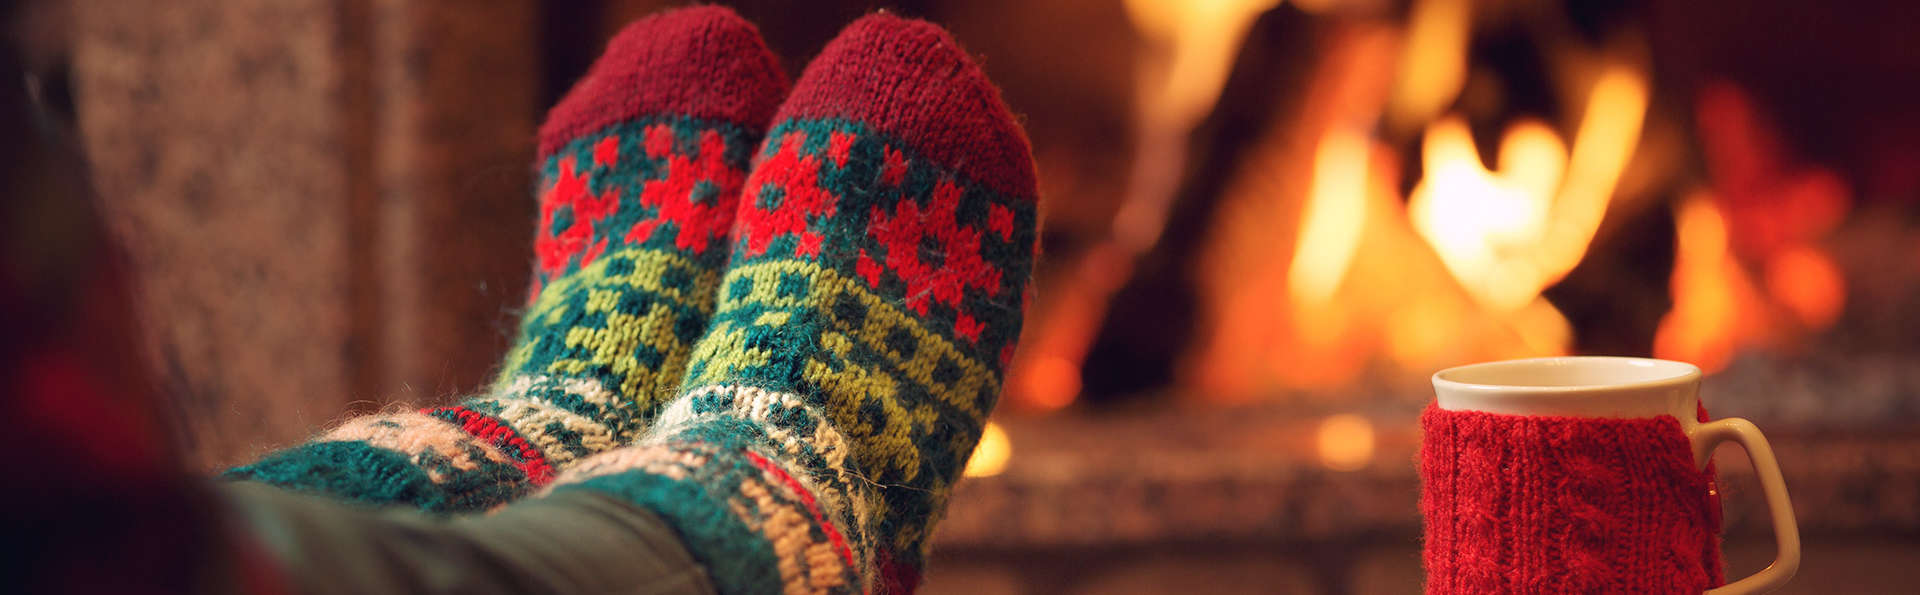 Un Noël chaleureux couronné par des plaisirs culinaires en plein coeur du Brabant